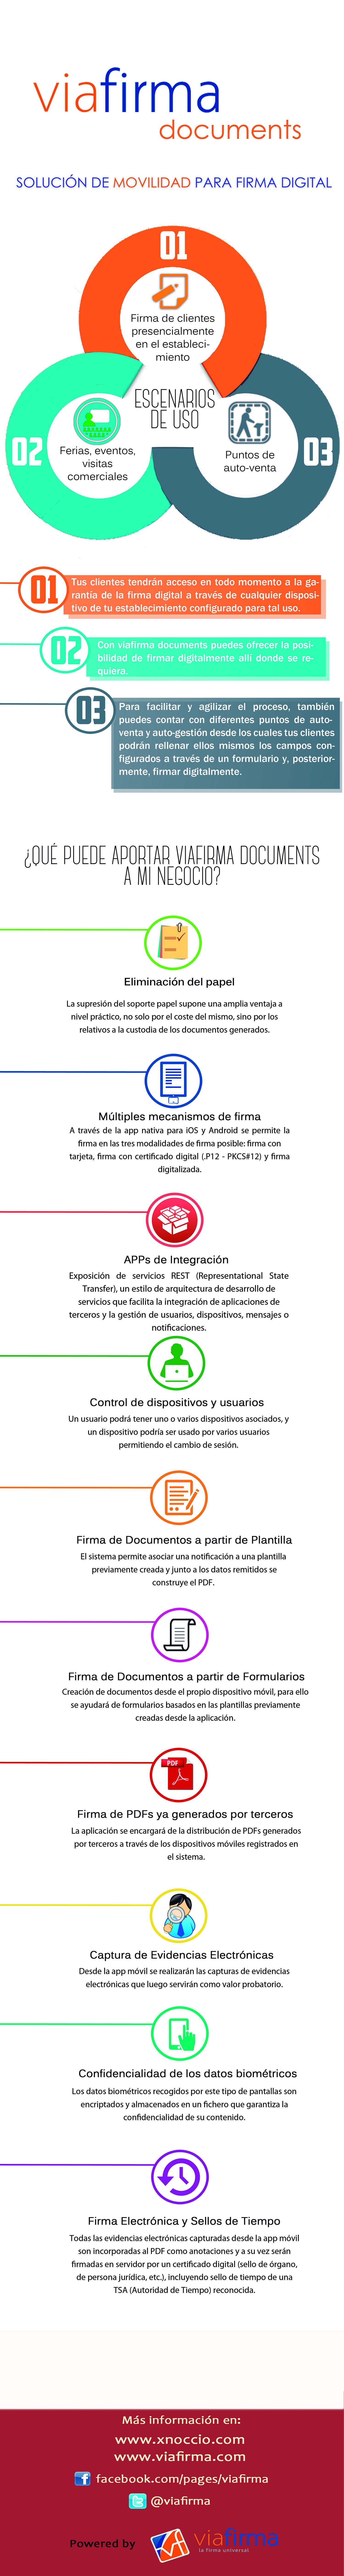 Infografía sobre viafirma document: una solución de movilidad y firma electrónica